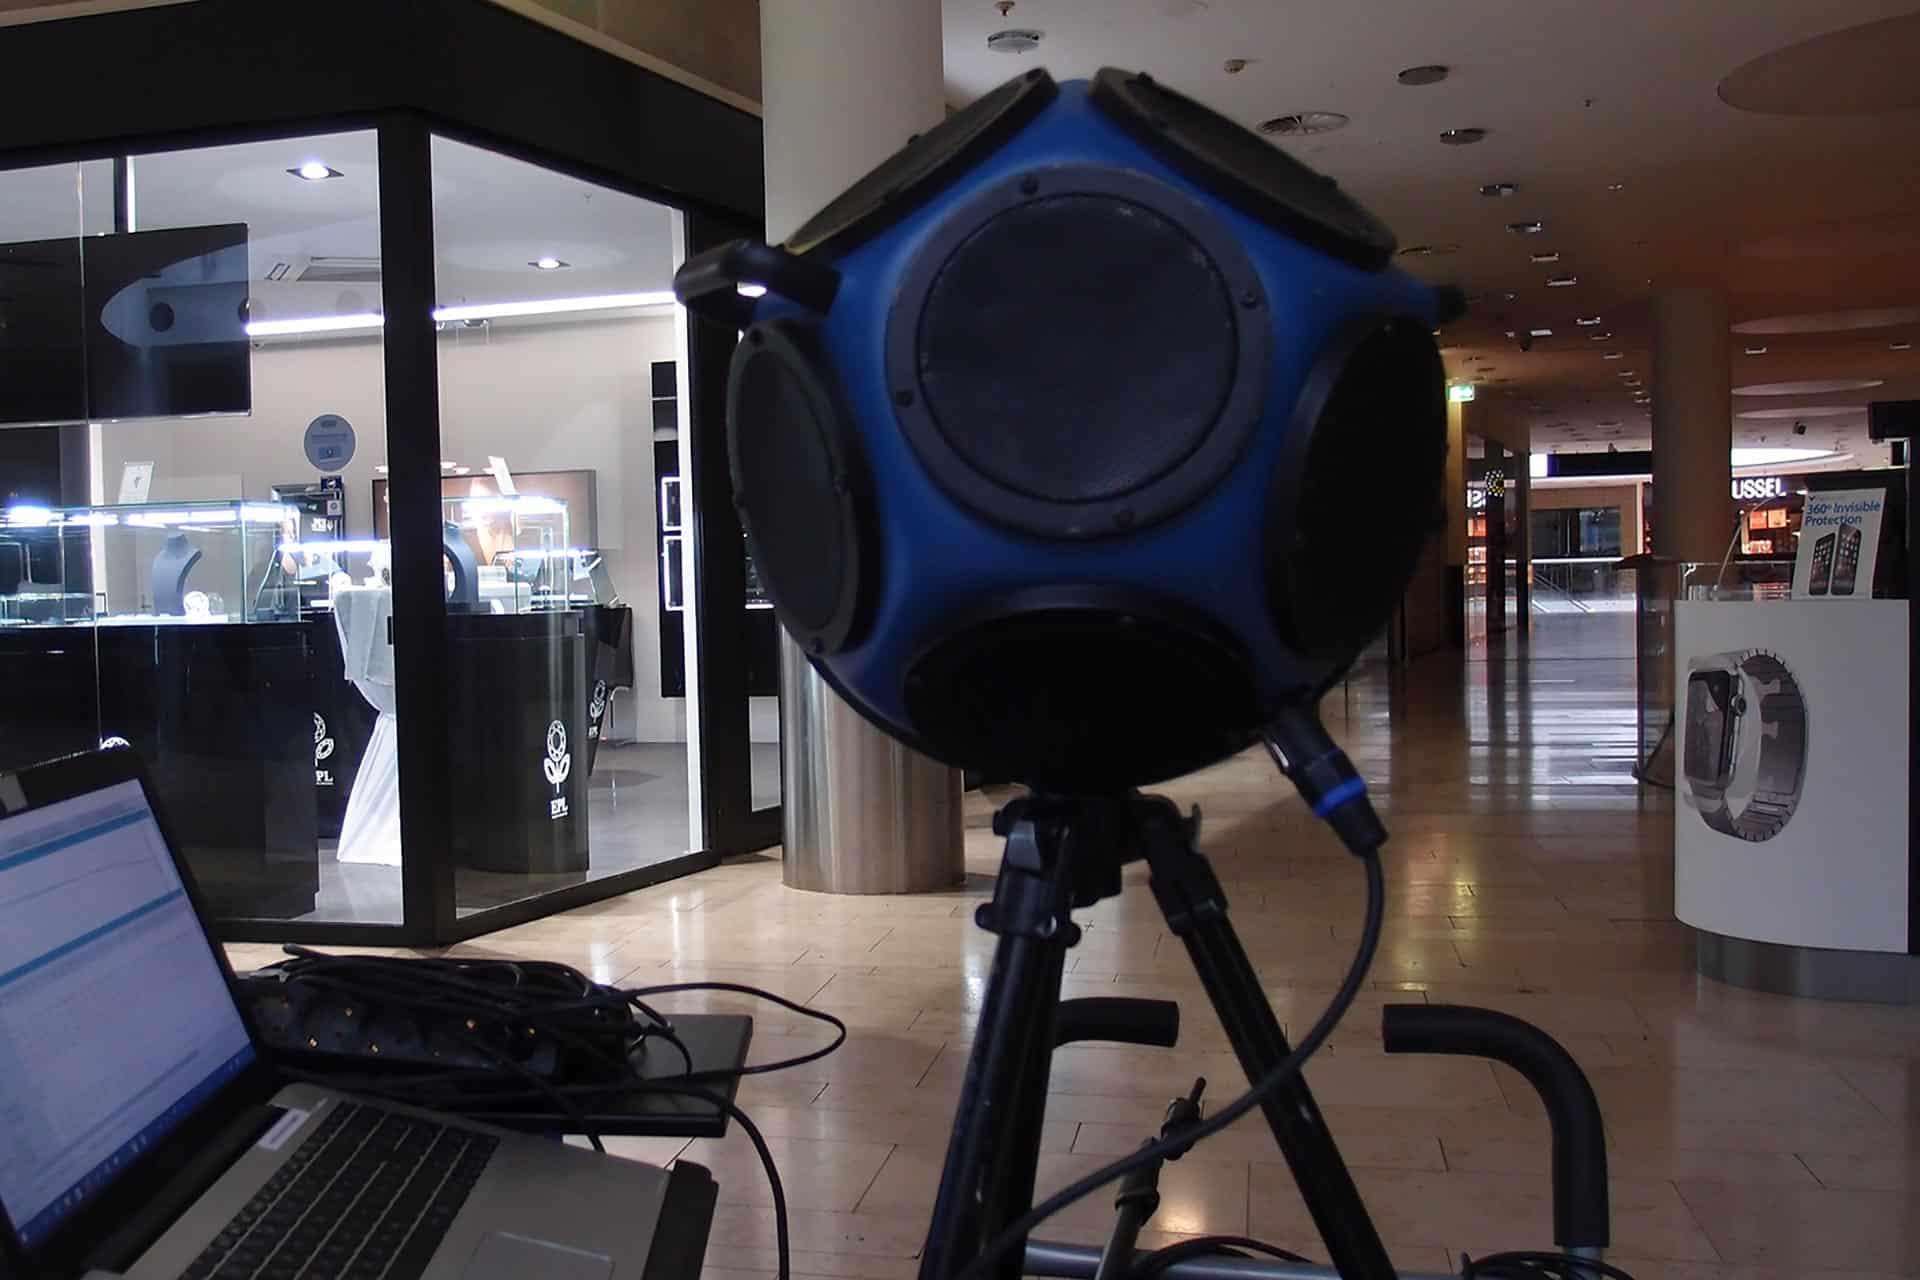 Unsere Ausstattung, Geräte zur Akustikmessung, Schallpegelmesser, Raumakustikanalyse, Aufnahme im Einkaufszentrum